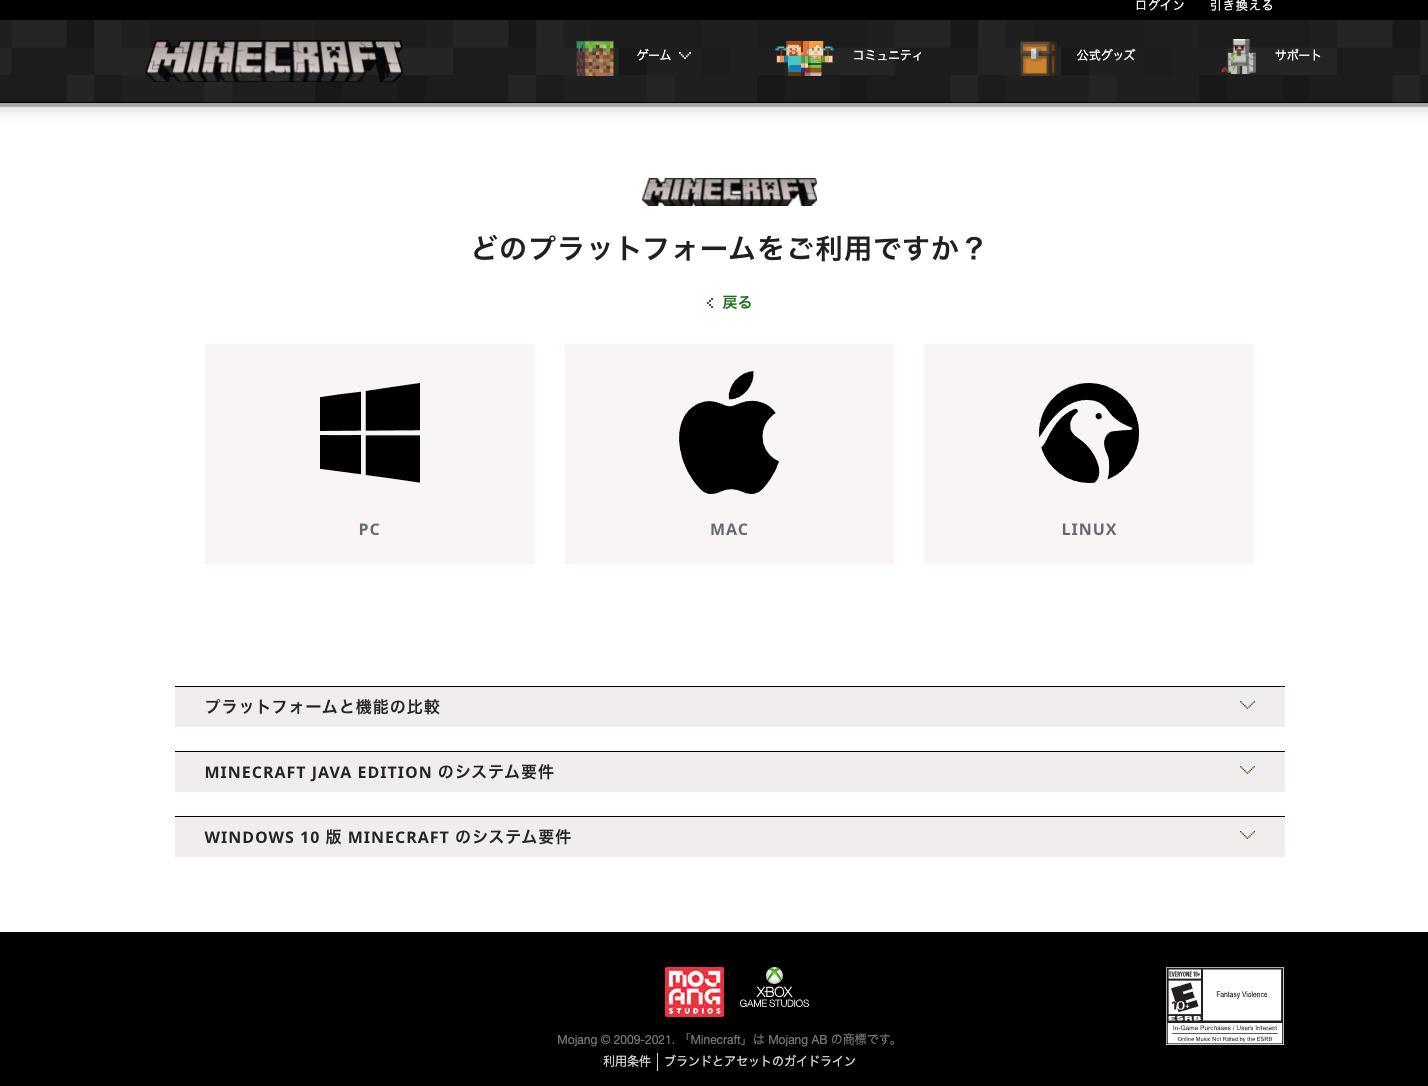 macを選択